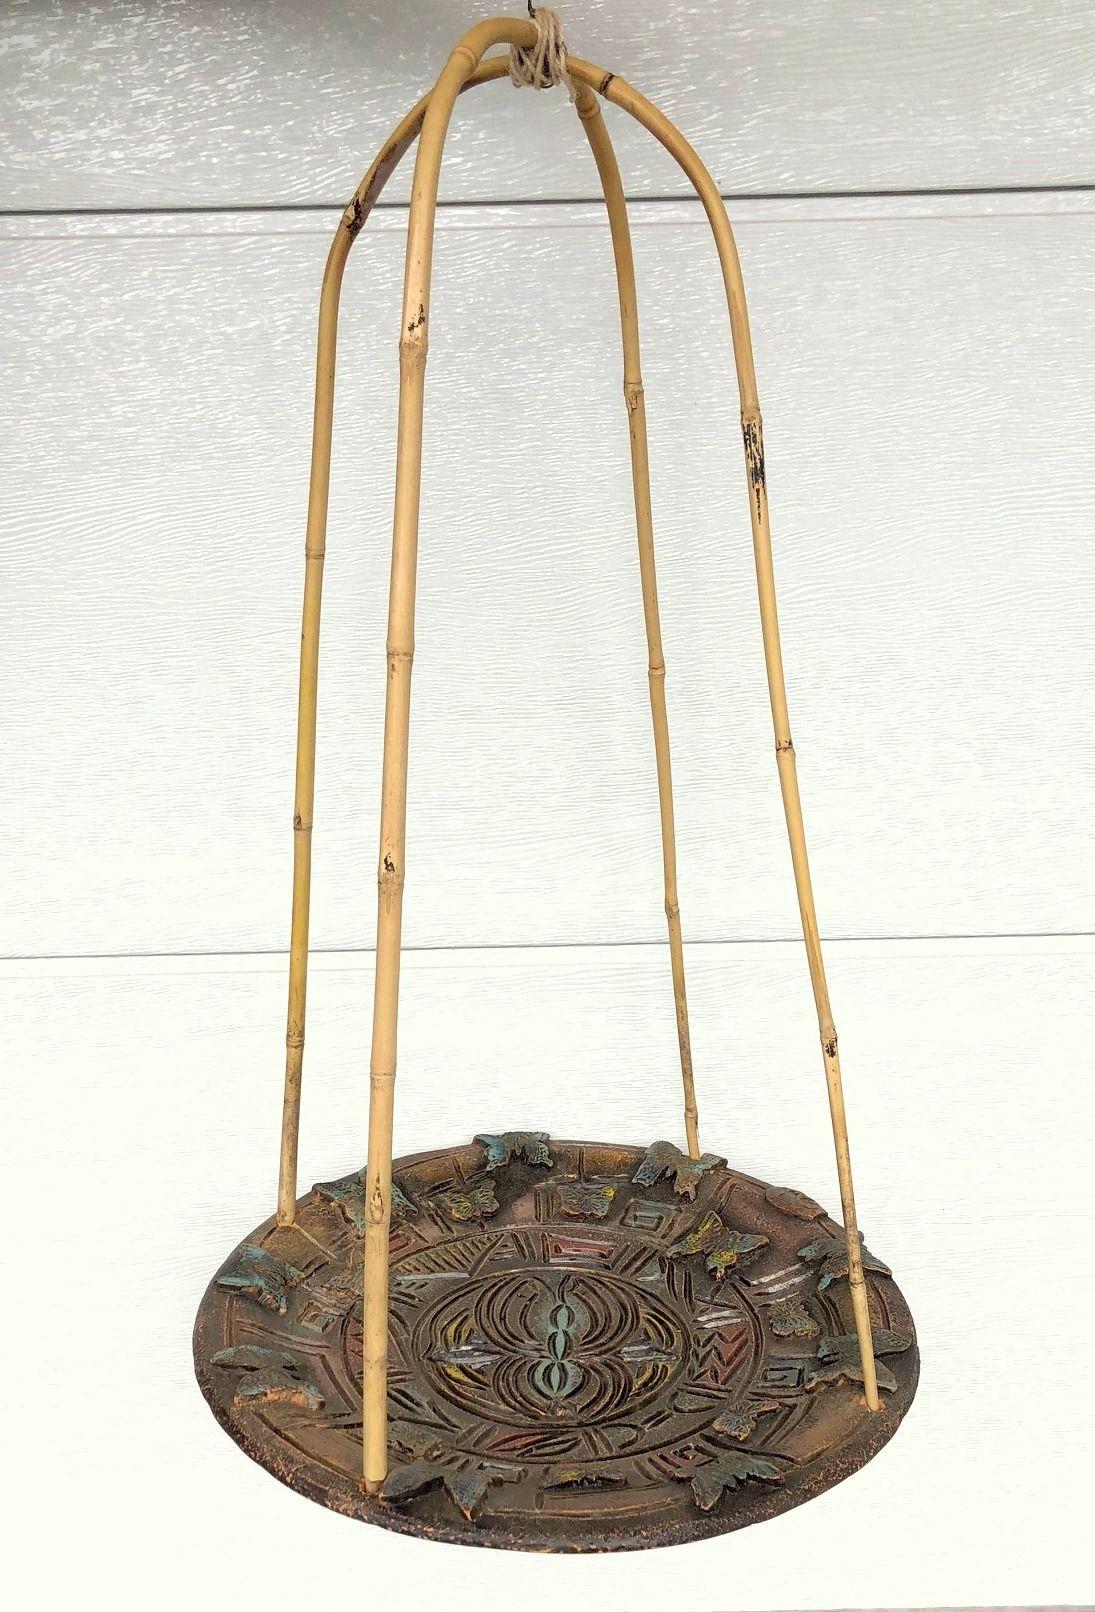 Madáritató 7 : A természetközelség a madarak etetése és itatása ...A pihenőjüket - itatójukat egy bambuszszerkezet felfüggesztésével teszünk még finomabb és különlegesebbé